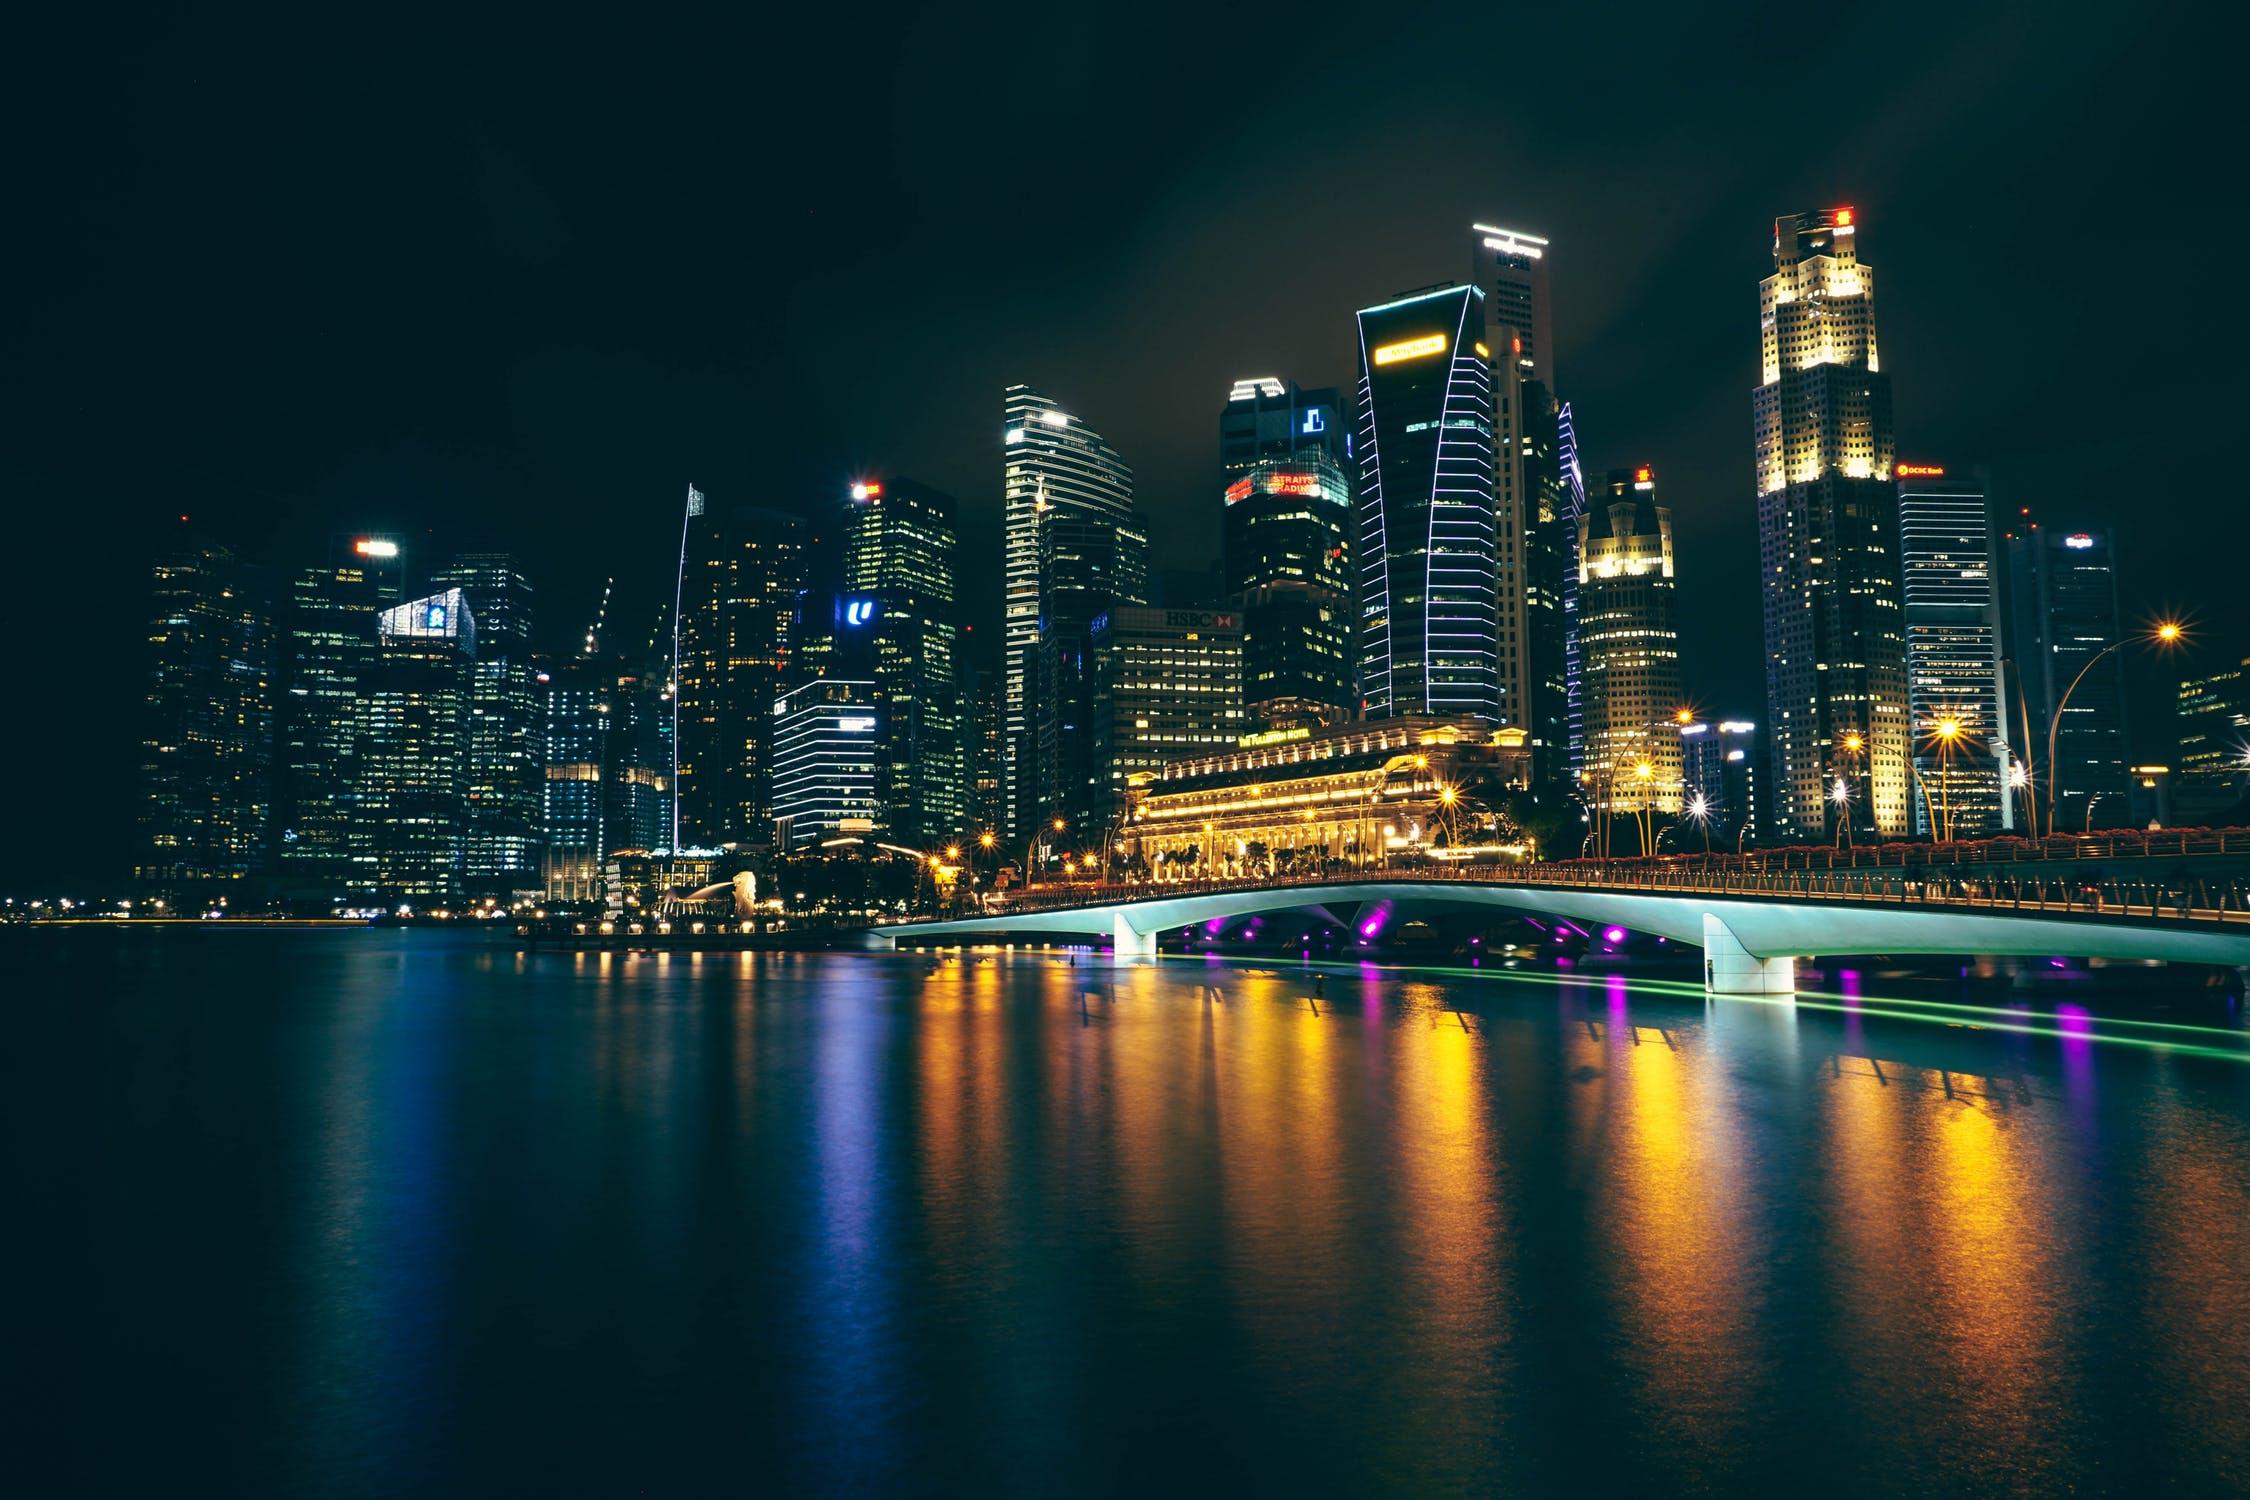 東南亞創業輔導公司-STARTBOARD:馬來西亞創業現況